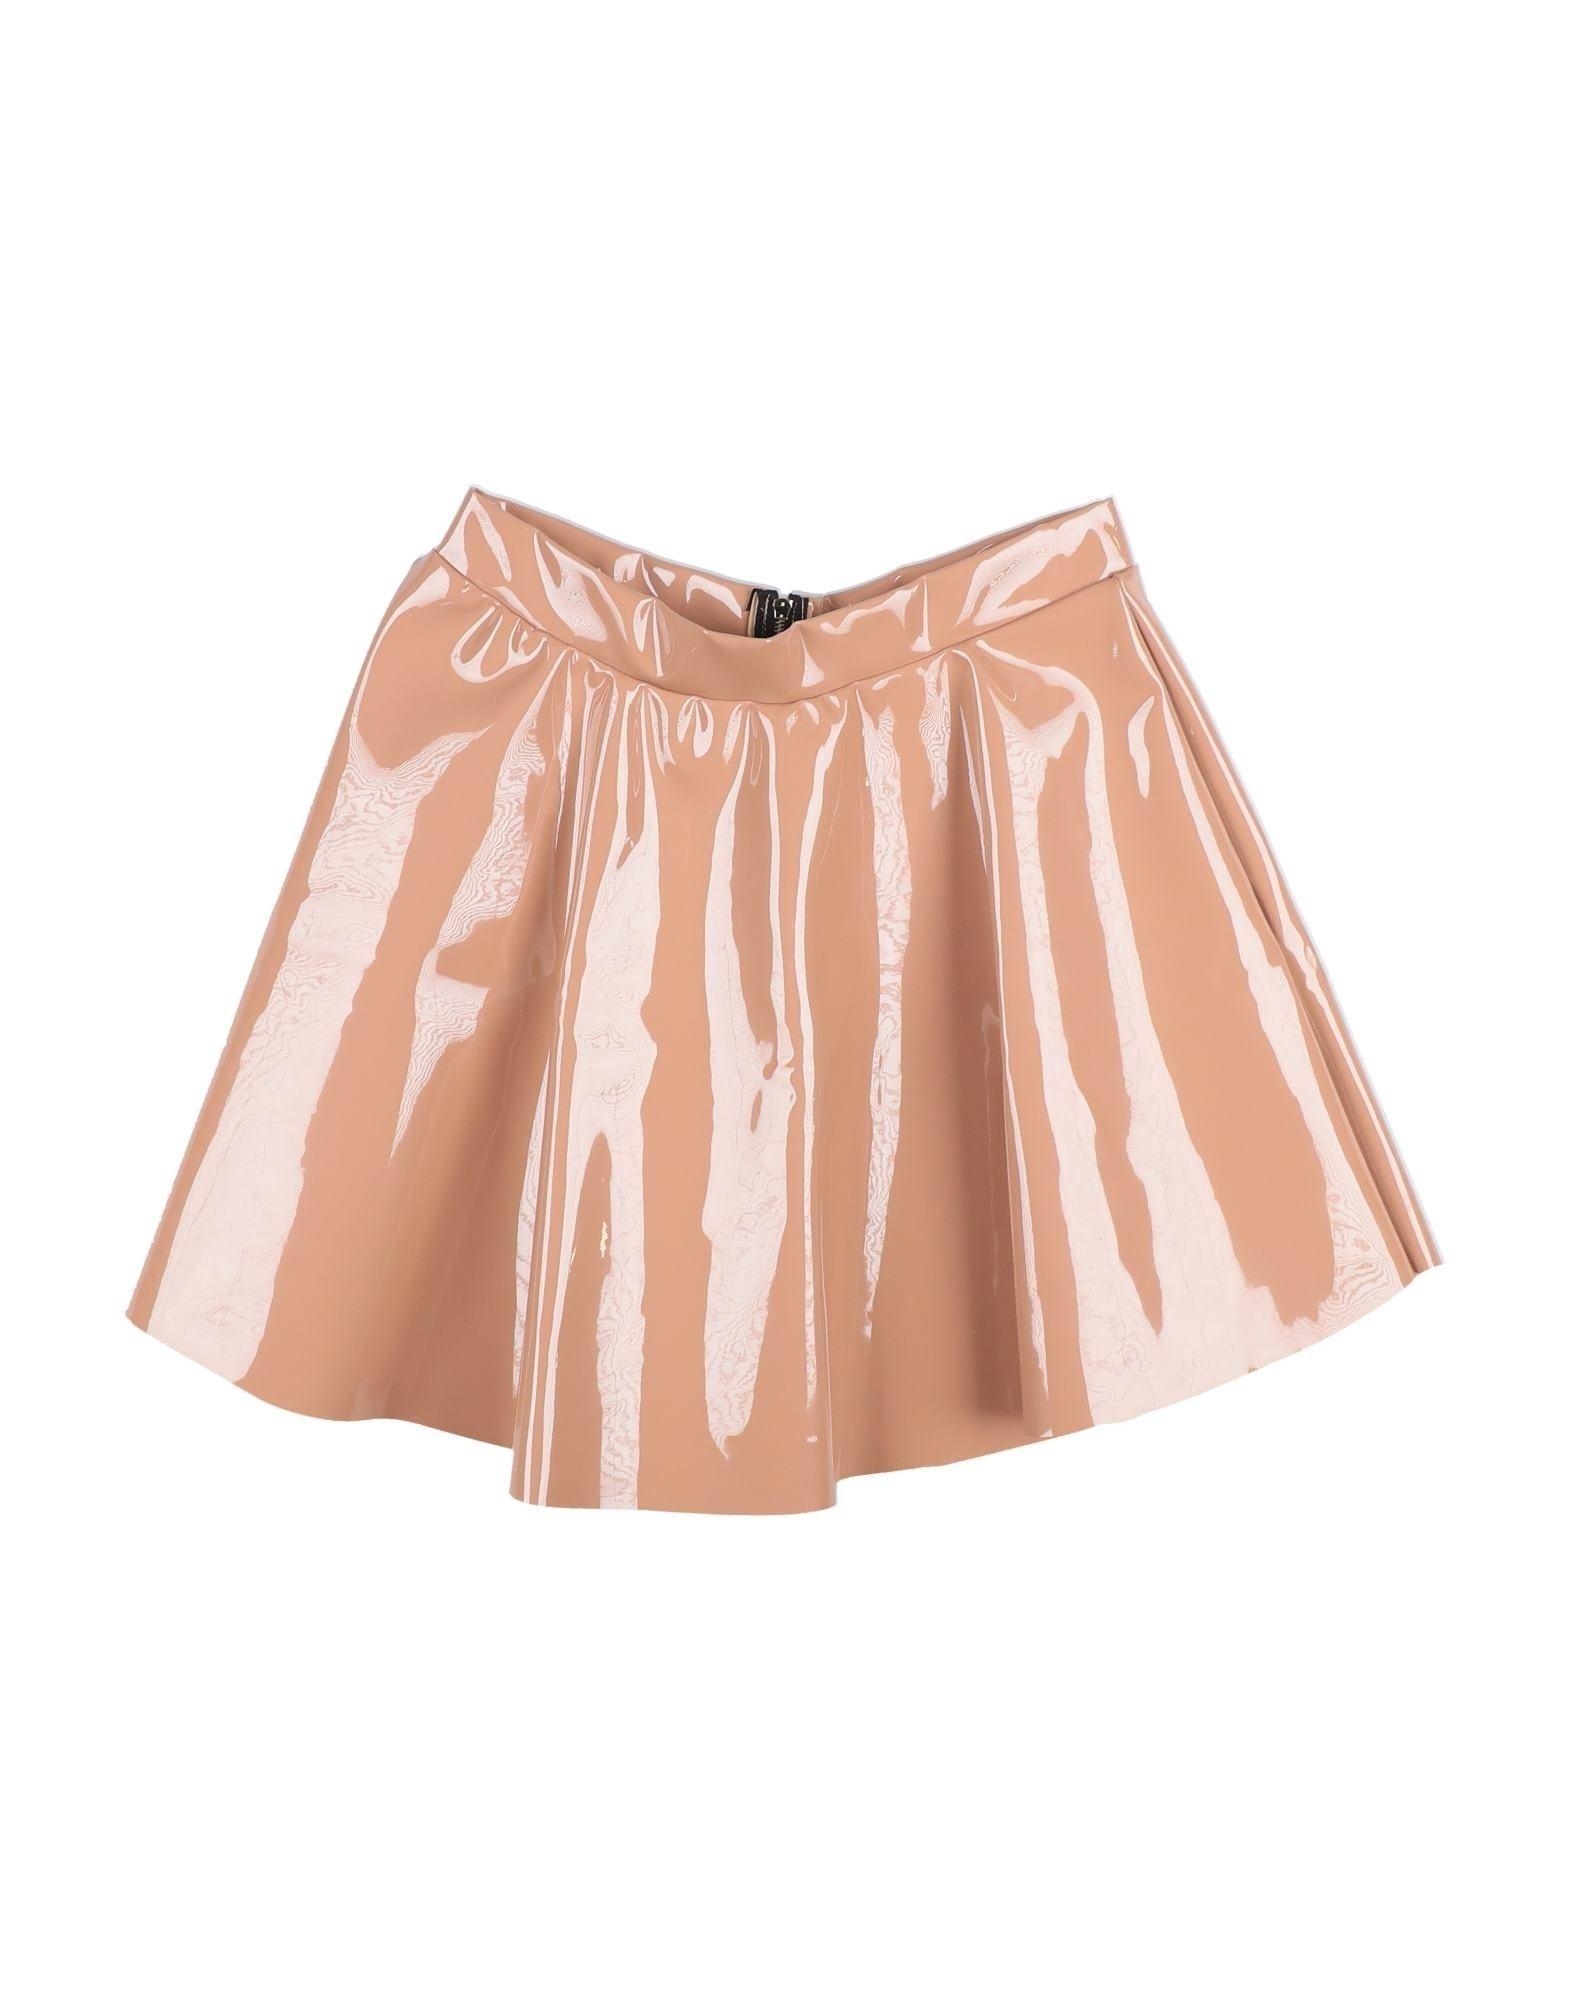 VICTORIA & STELLA Skirts - Item 35469406